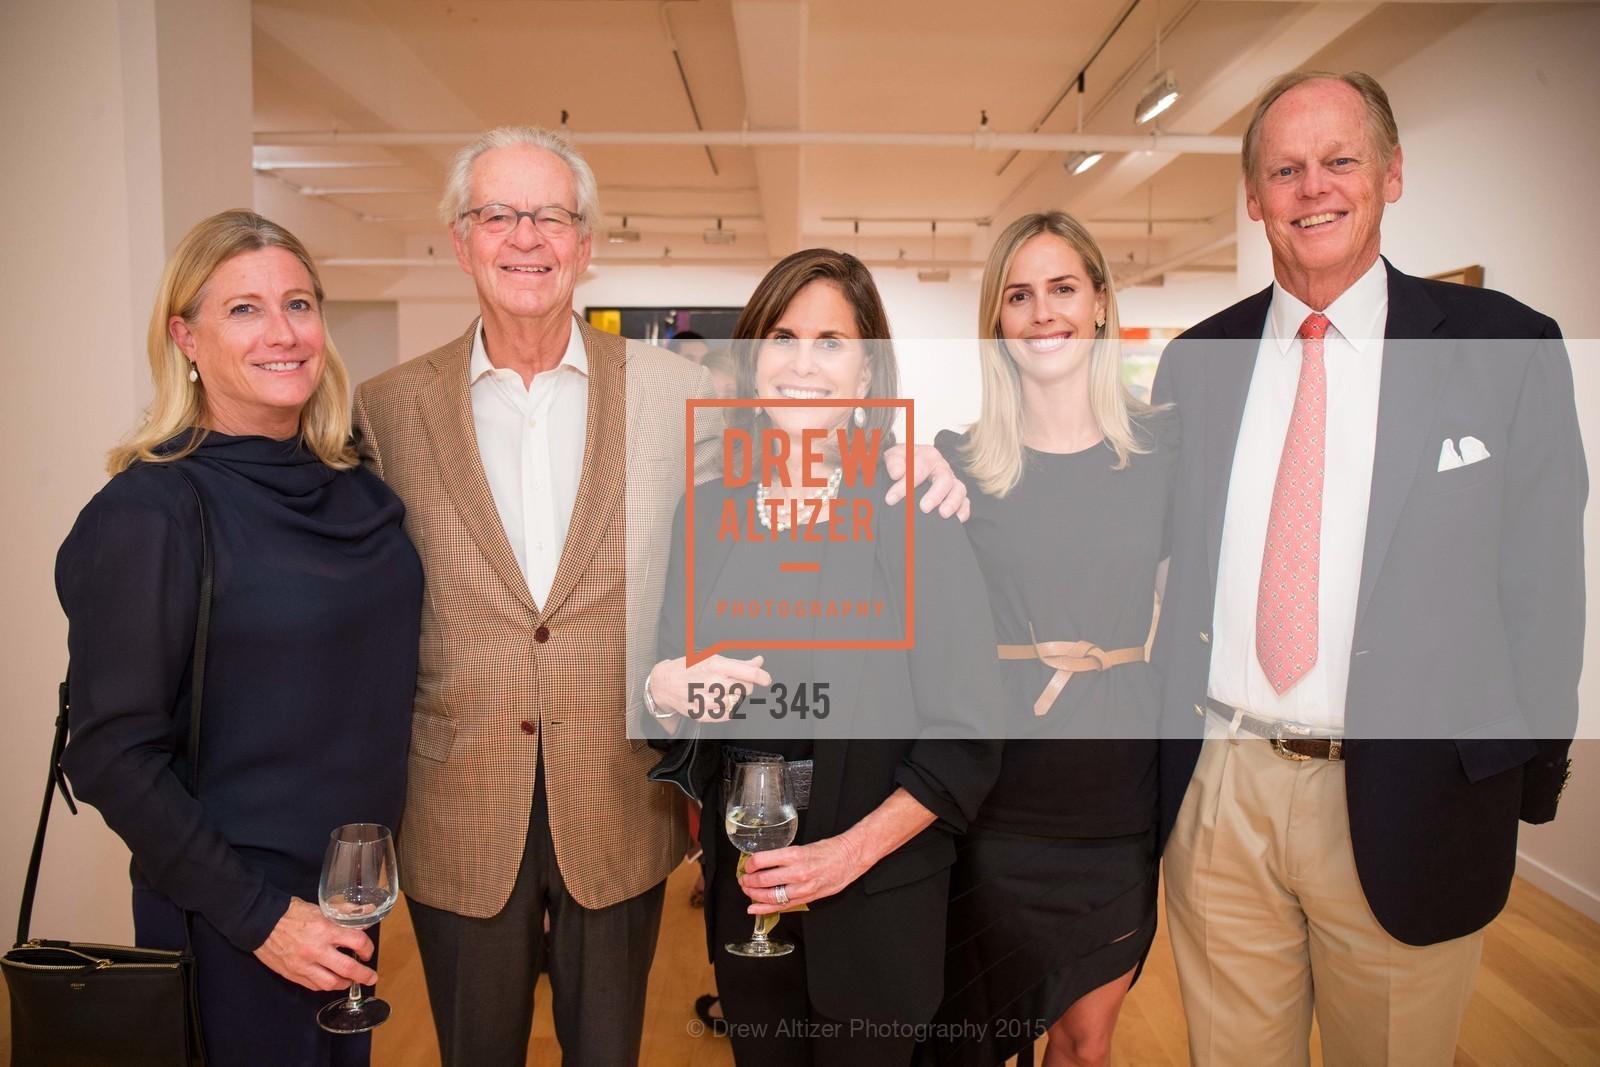 Cathy Brisbin, Stephen Merrill, Nancy Hammond, Casey McDevitt, Bill Hammond, John Berggruen Gallery presents